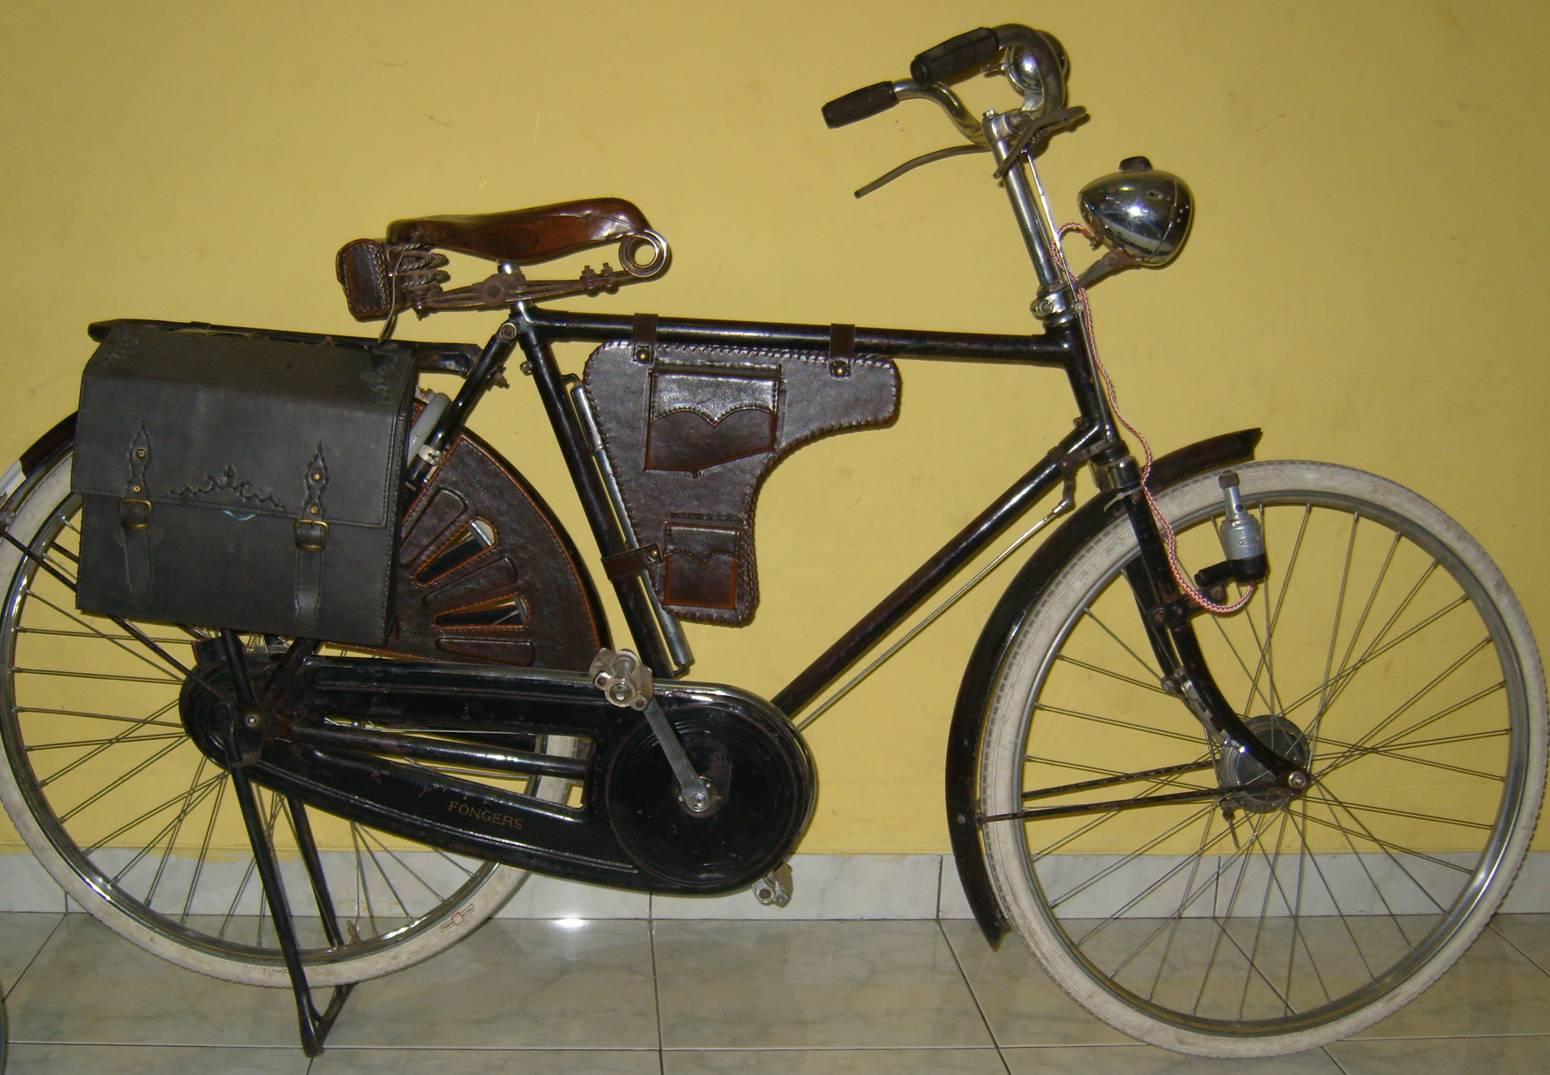 gambar sepeda onthel wallpapers